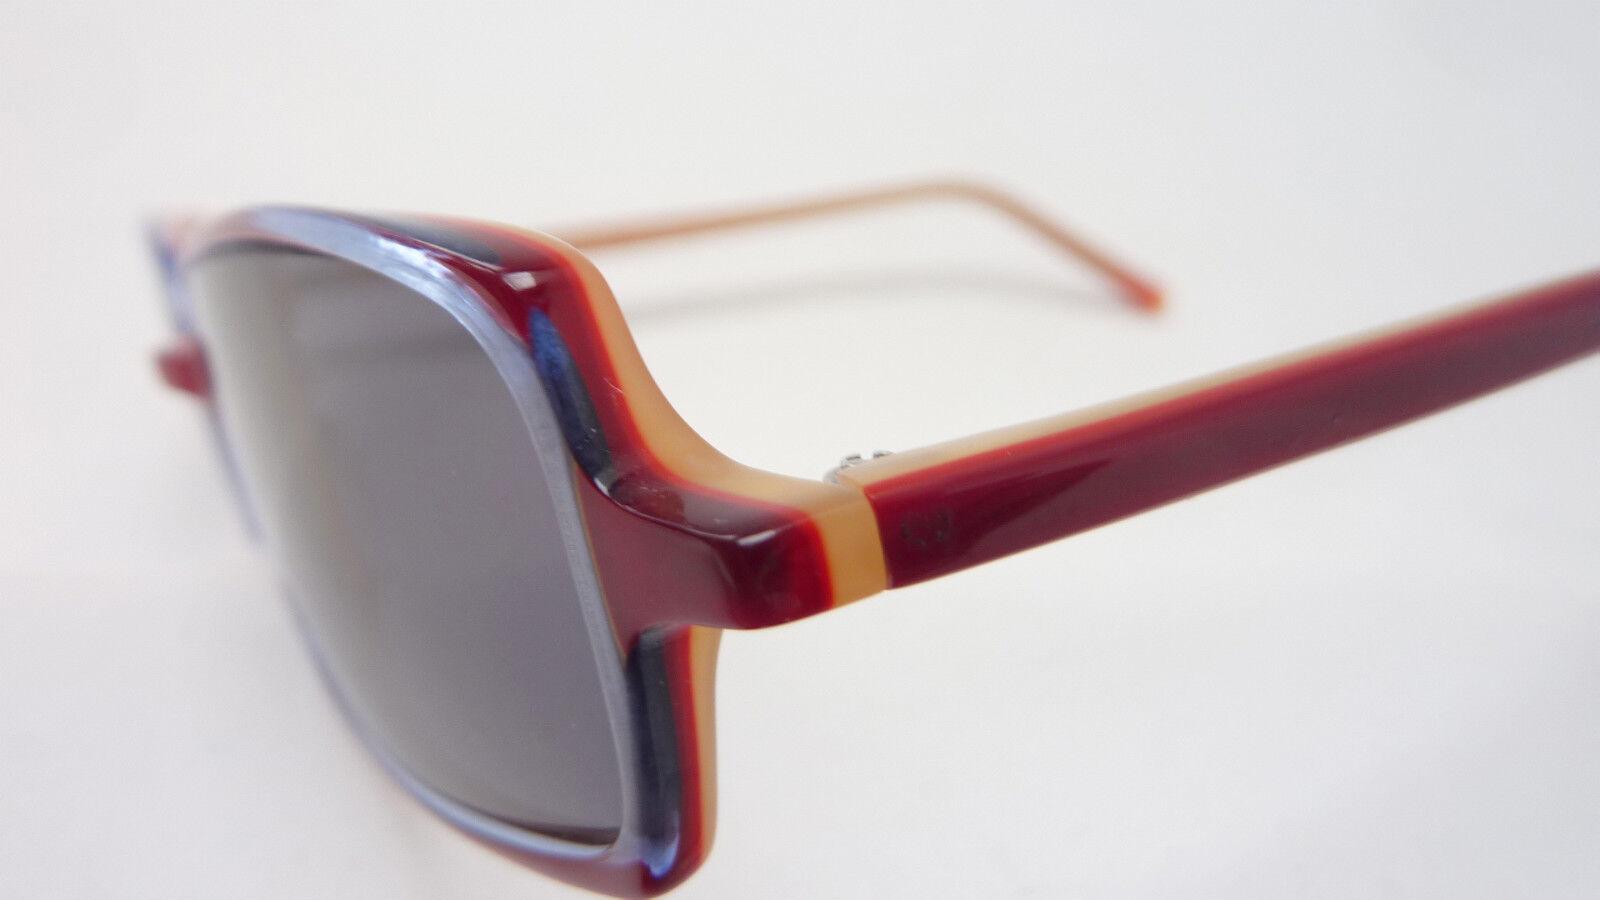 Collection Creativ Sonnenbrille Kunststoff rot Kunststoffgläser 75% grau Größe Größe Größe S | Neuer Eintrag  | Günstigen Preis  | Ab dem neuesten Modell  259a19